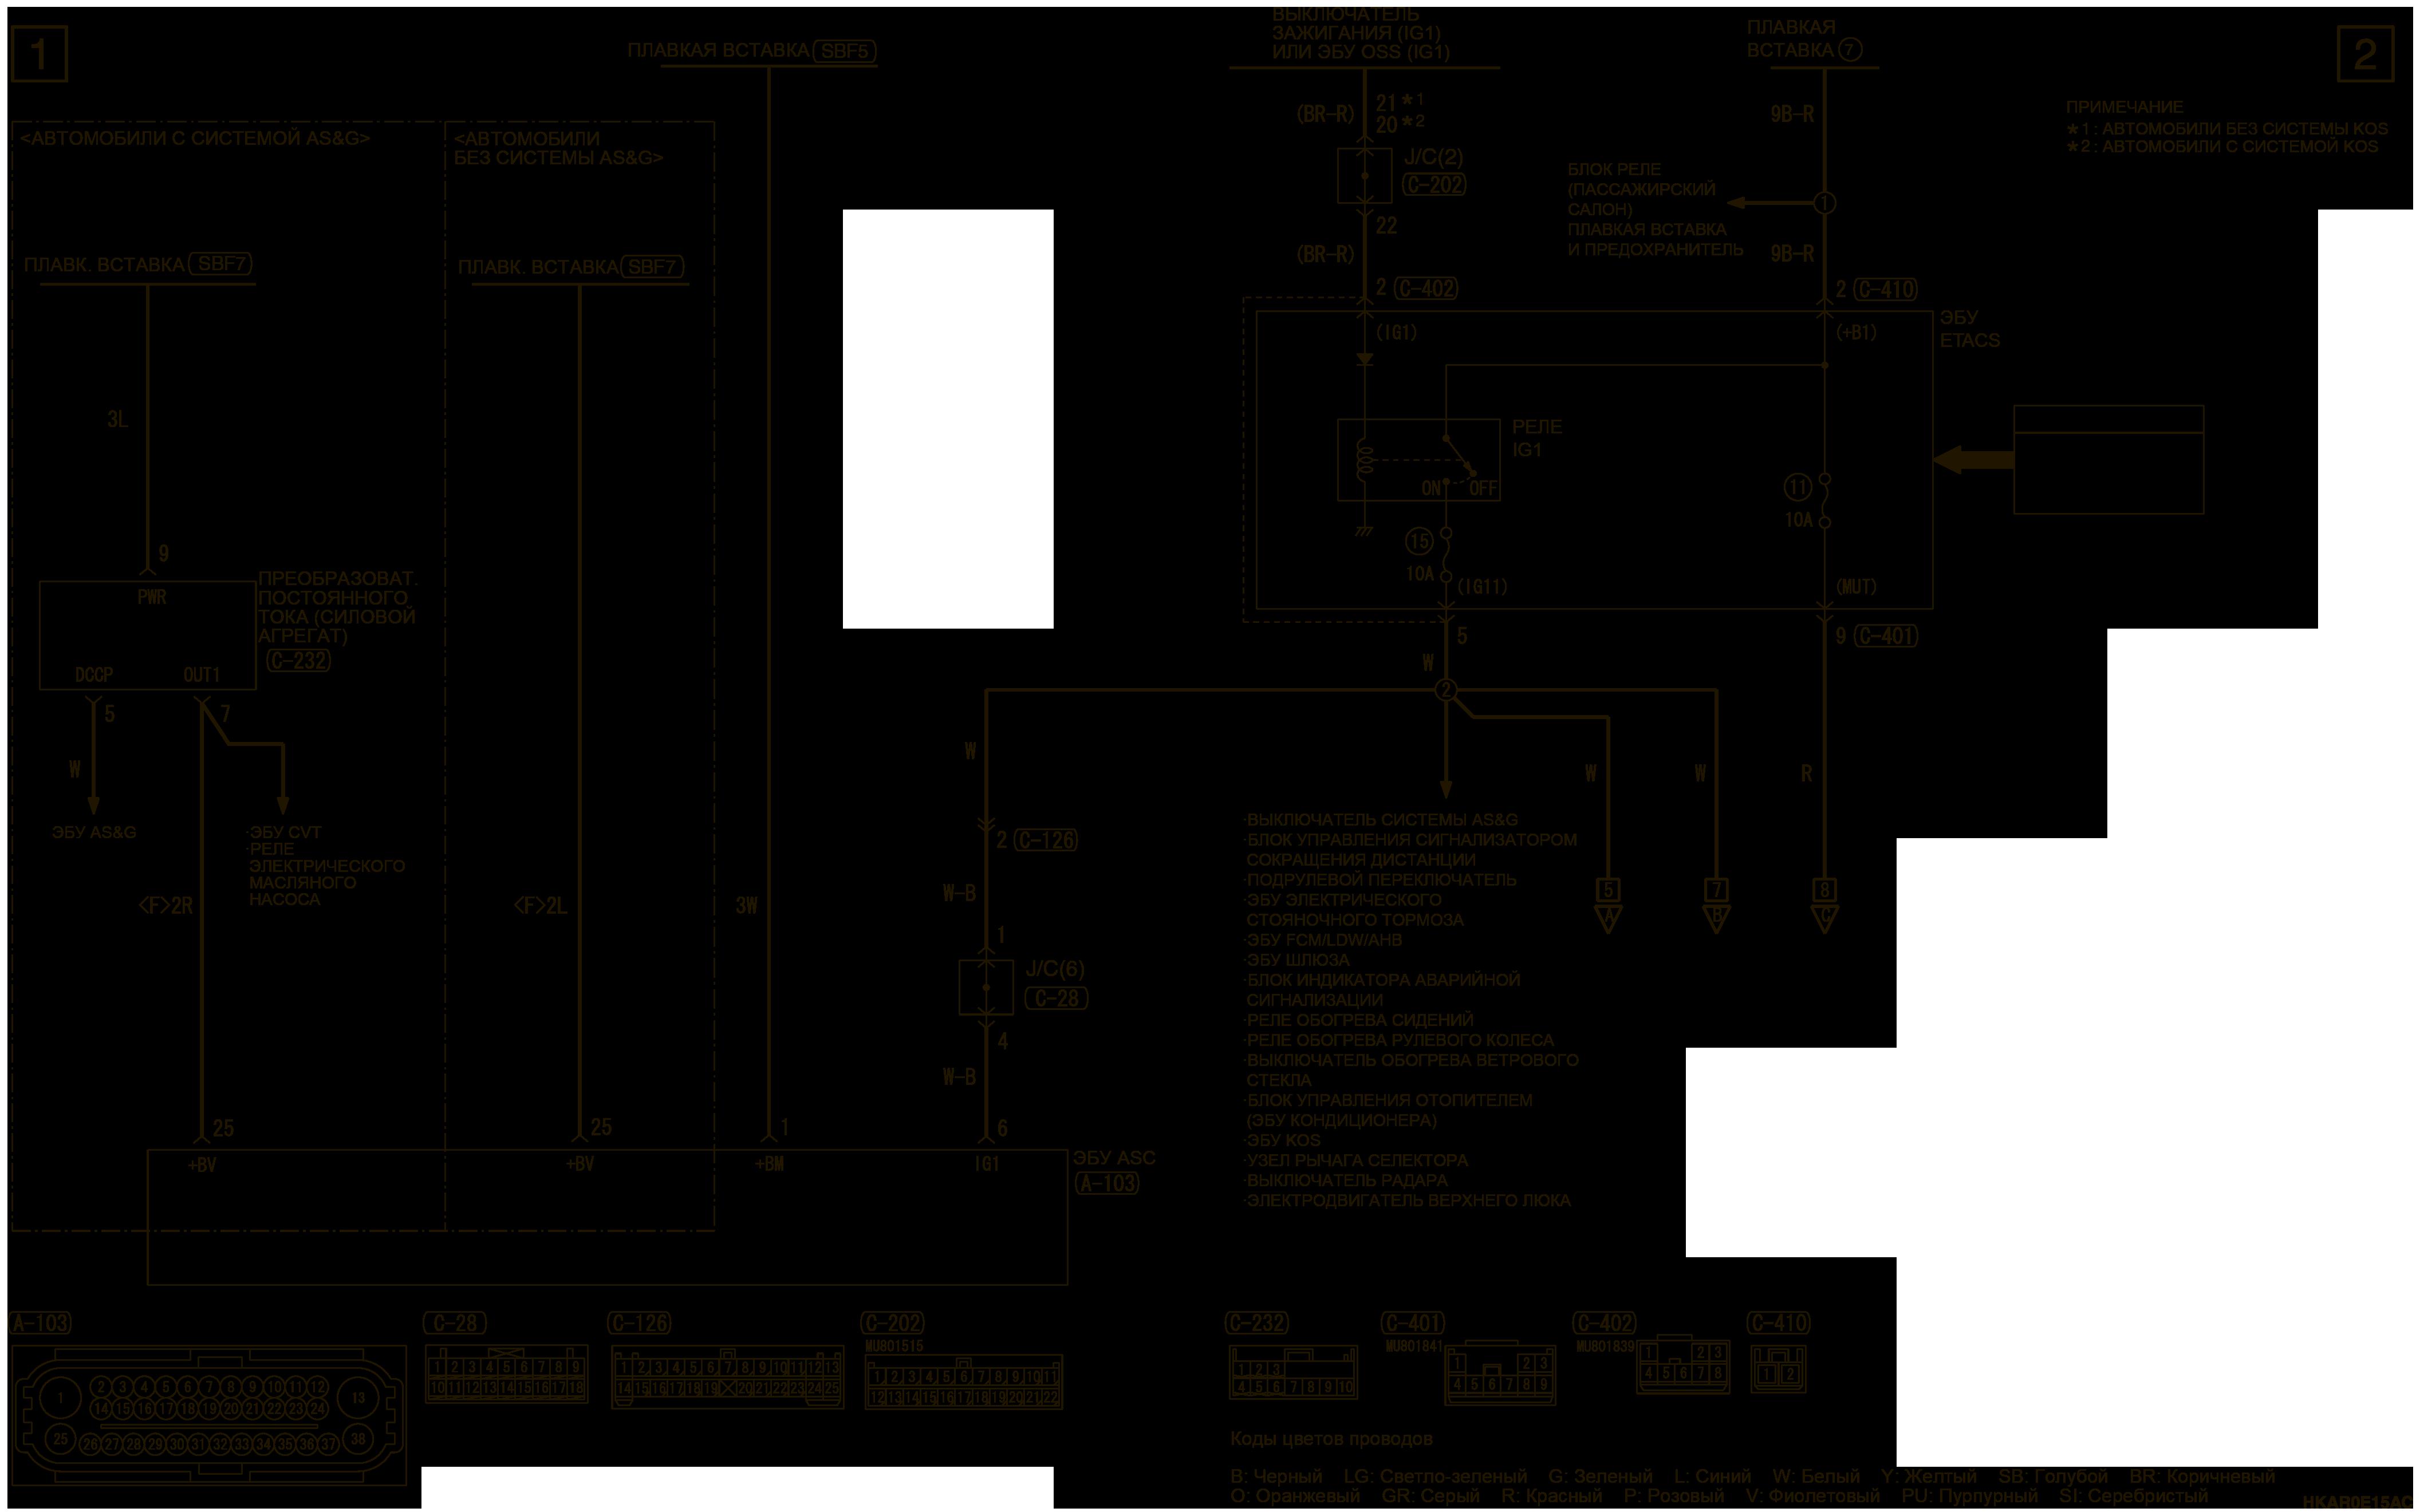 mmc аутлендер 3 2019 электросхемаСИСТЕМА ДИНАМИЧЕСКОЙ СТАБИЛИЗАЦИИ (ASC) И СИСТЕМА ПОМОЩИ ПРИ ТРОГАНИИ НА ПОДЪЕМЕ (HSA) ПРАВОСТОРОННЕЕ УПРАВЛЕНИЕ